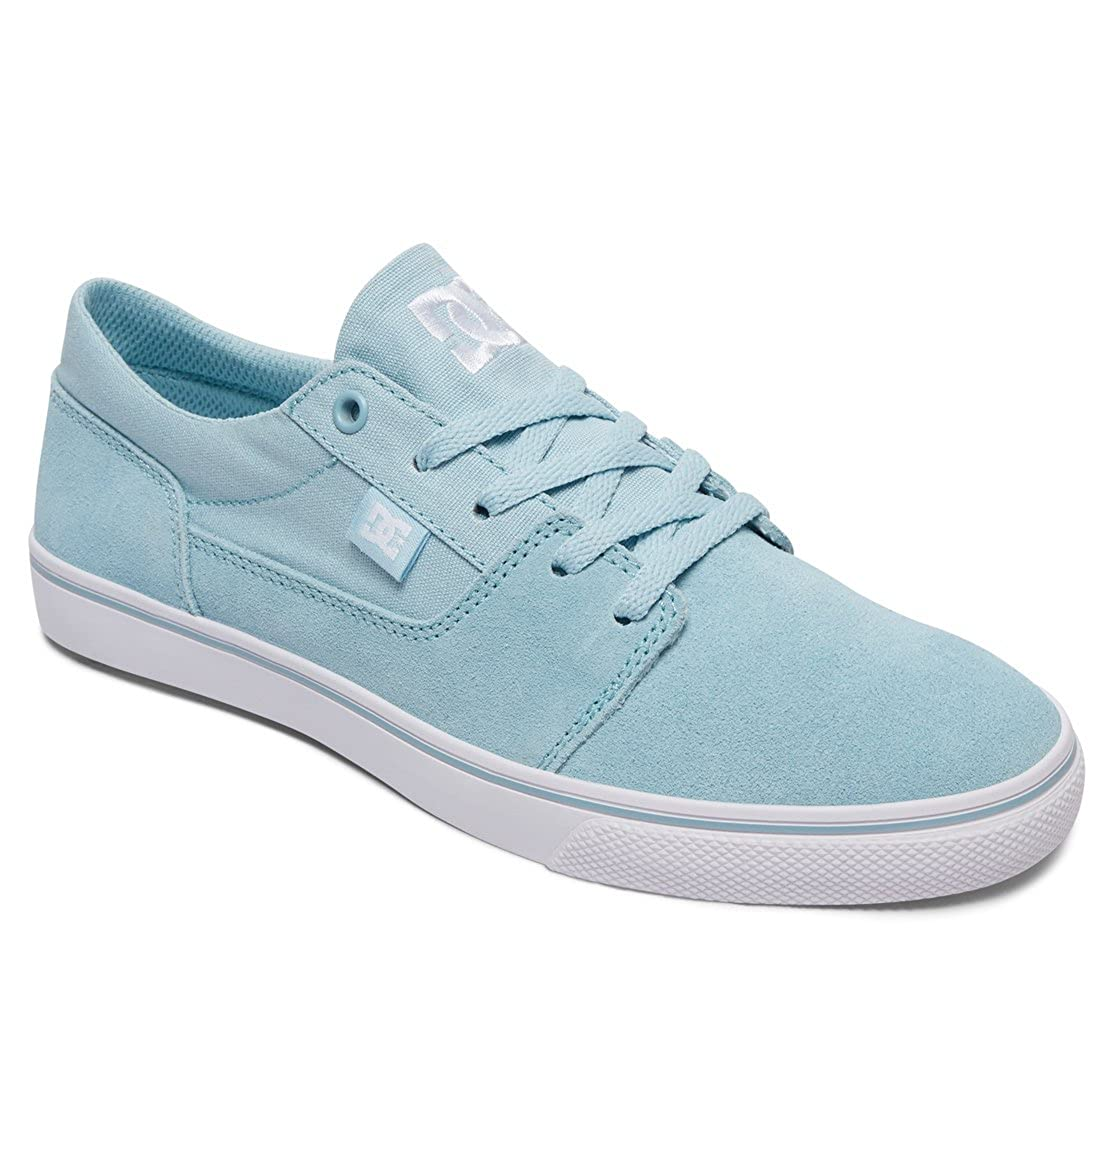 DC TONIKJ TONIKJ DC CE1 Damen Sneakers Light Blau 17ca79